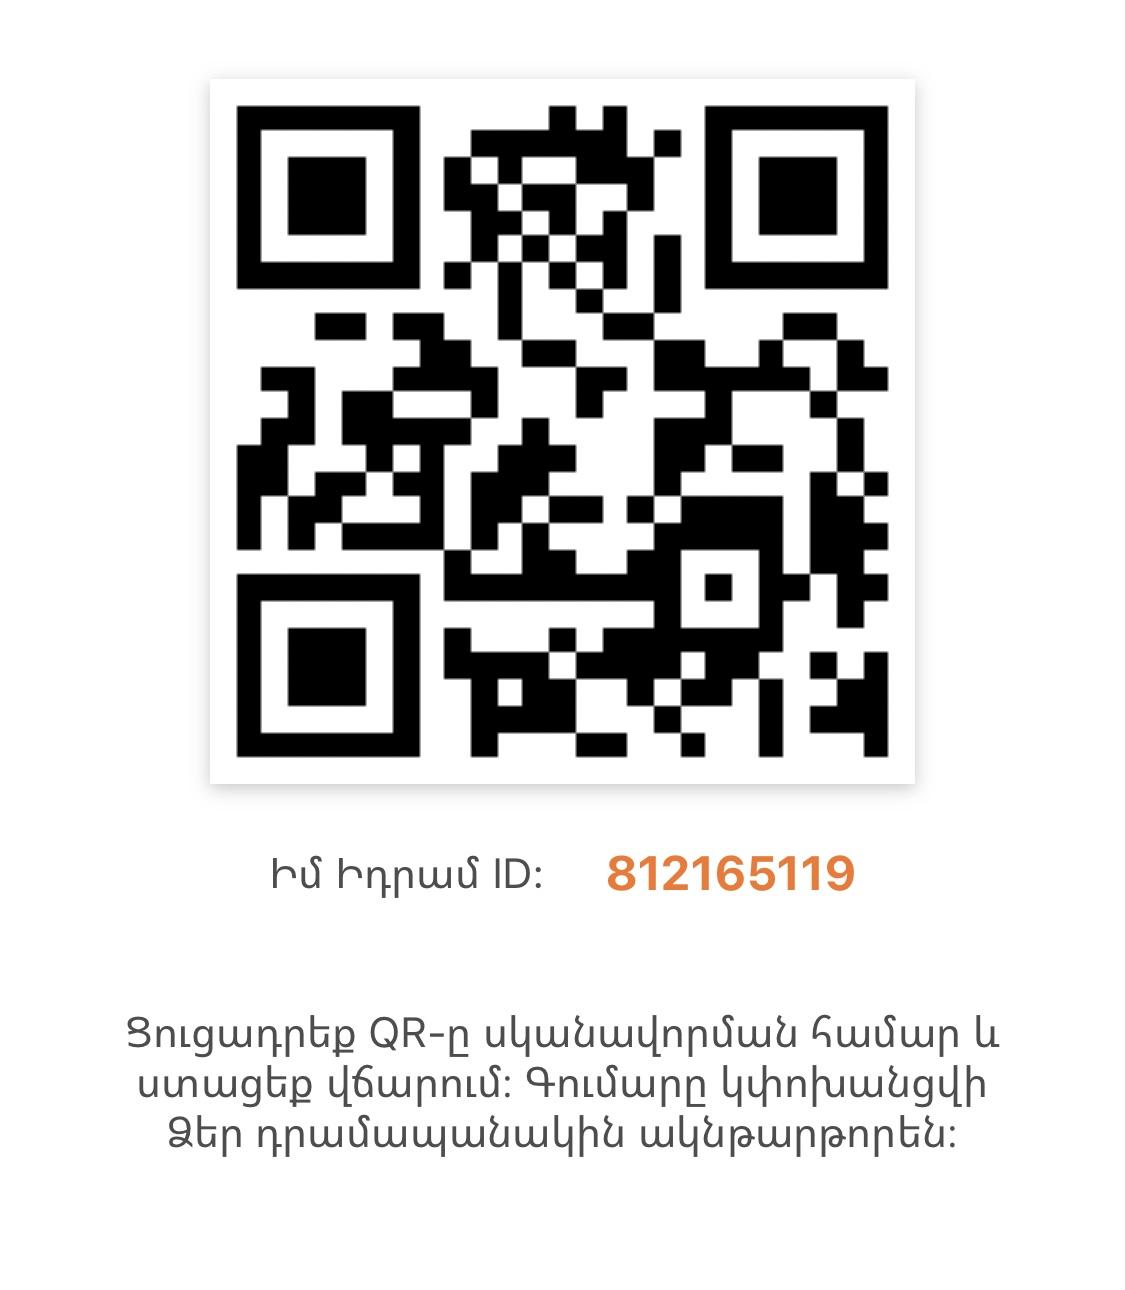 IMG_2183.jpg (145 KB)